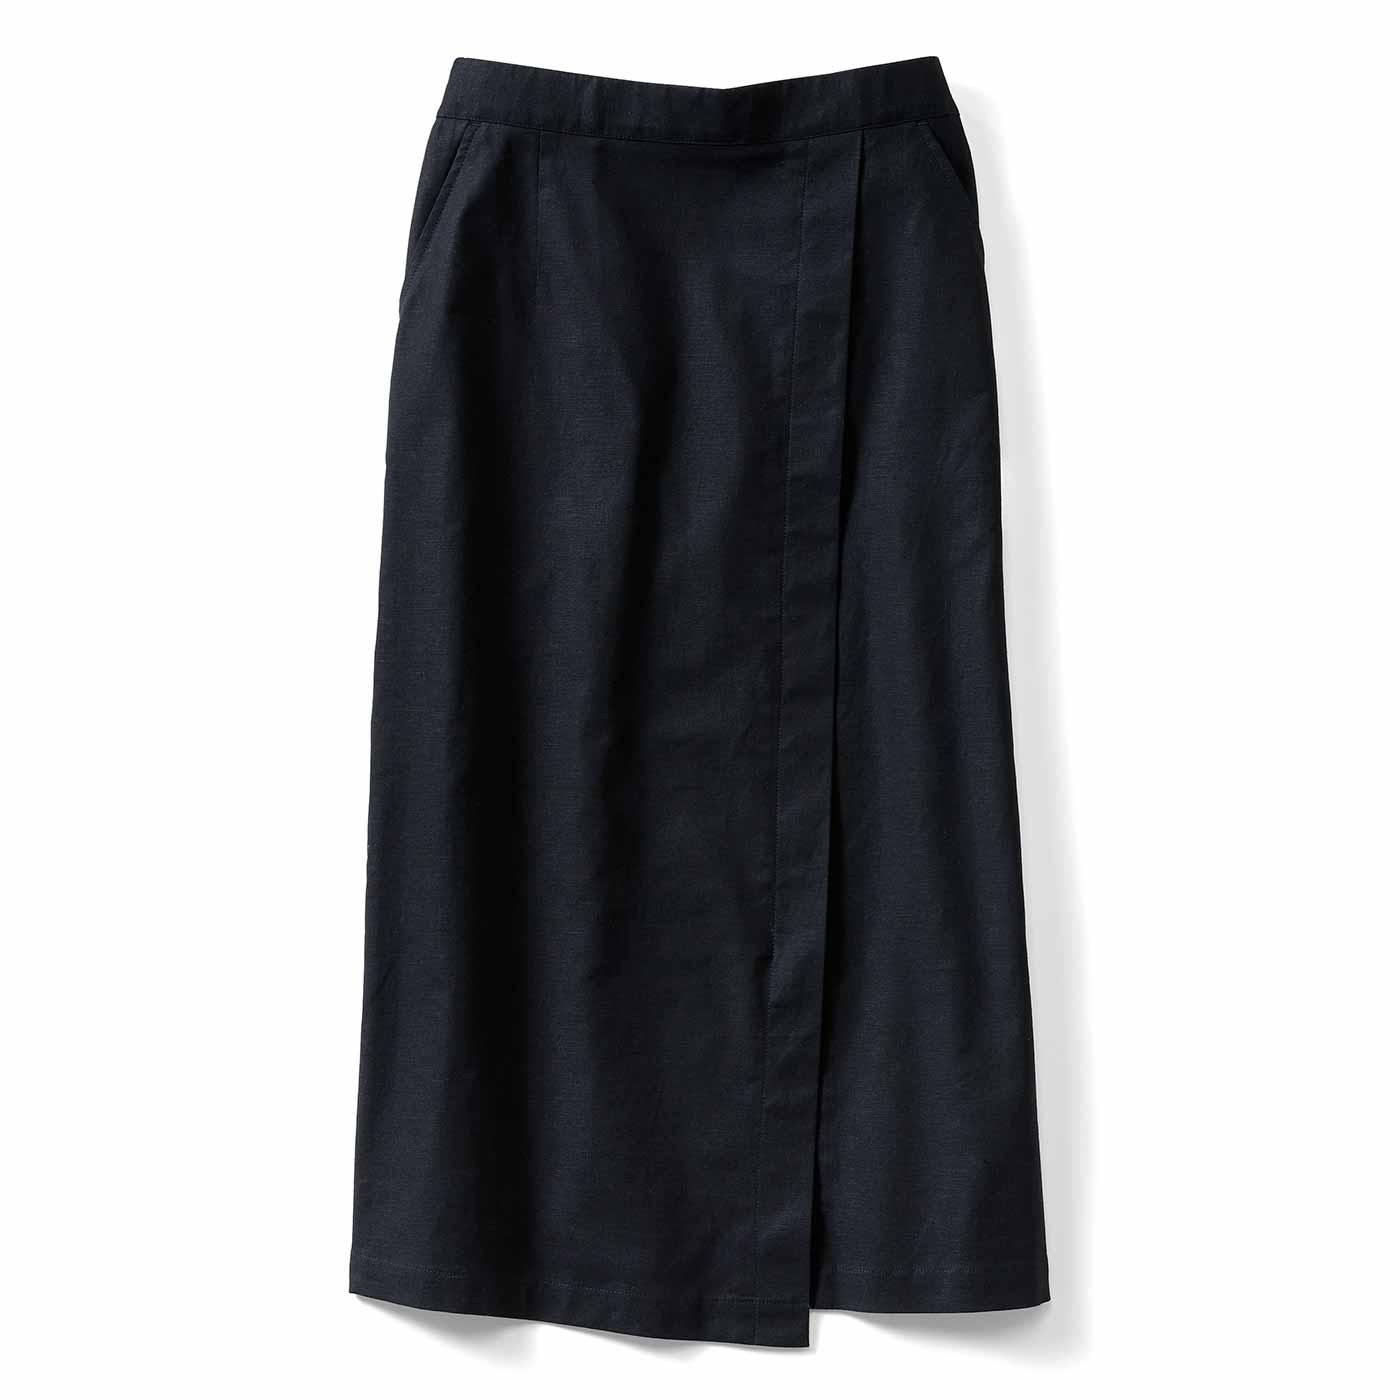 ストレッチ麻混Iラインスカート〈ブラック〉IE